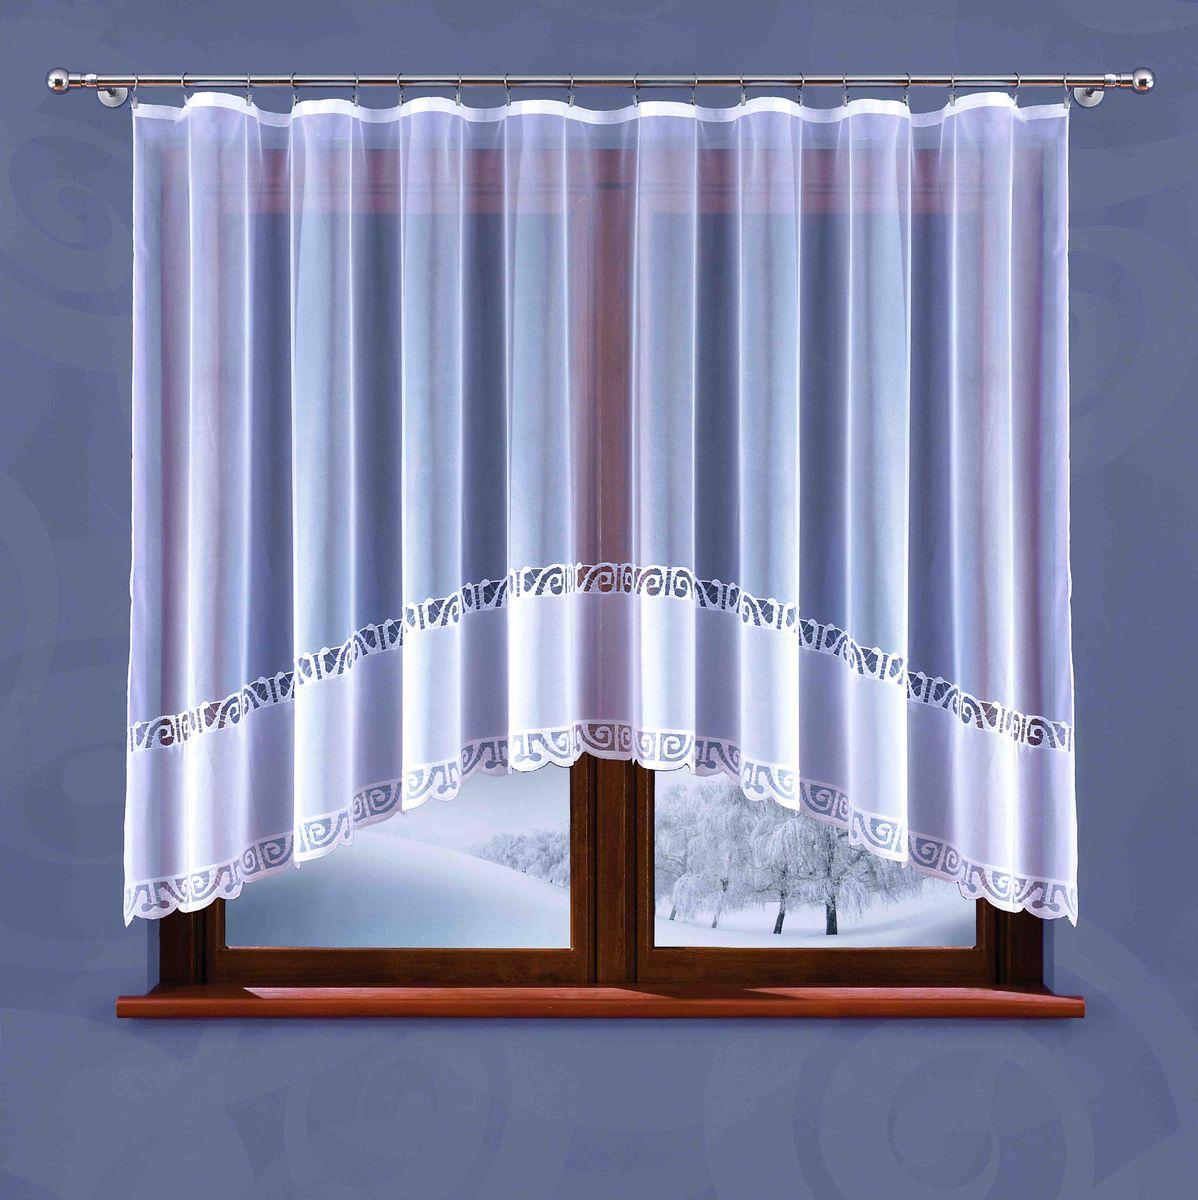 Гардина Wisan Weronika, на ленте, цвет: белый, высота 150 см5884Гардина Wisan Weronika, изготовлена из полиэстера, легкой, тонкой ткани. Изделие украшено орнаментом. Тонкое плетение и оригинальный дизайн привлекут к себе внимание и органично впишутся в интерьер комнаты. Оригинальное оформление гардины внесет разнообразие и подарит заряд положительного настроения.Гардина оснащена шторной лентой для крепления на карниз.